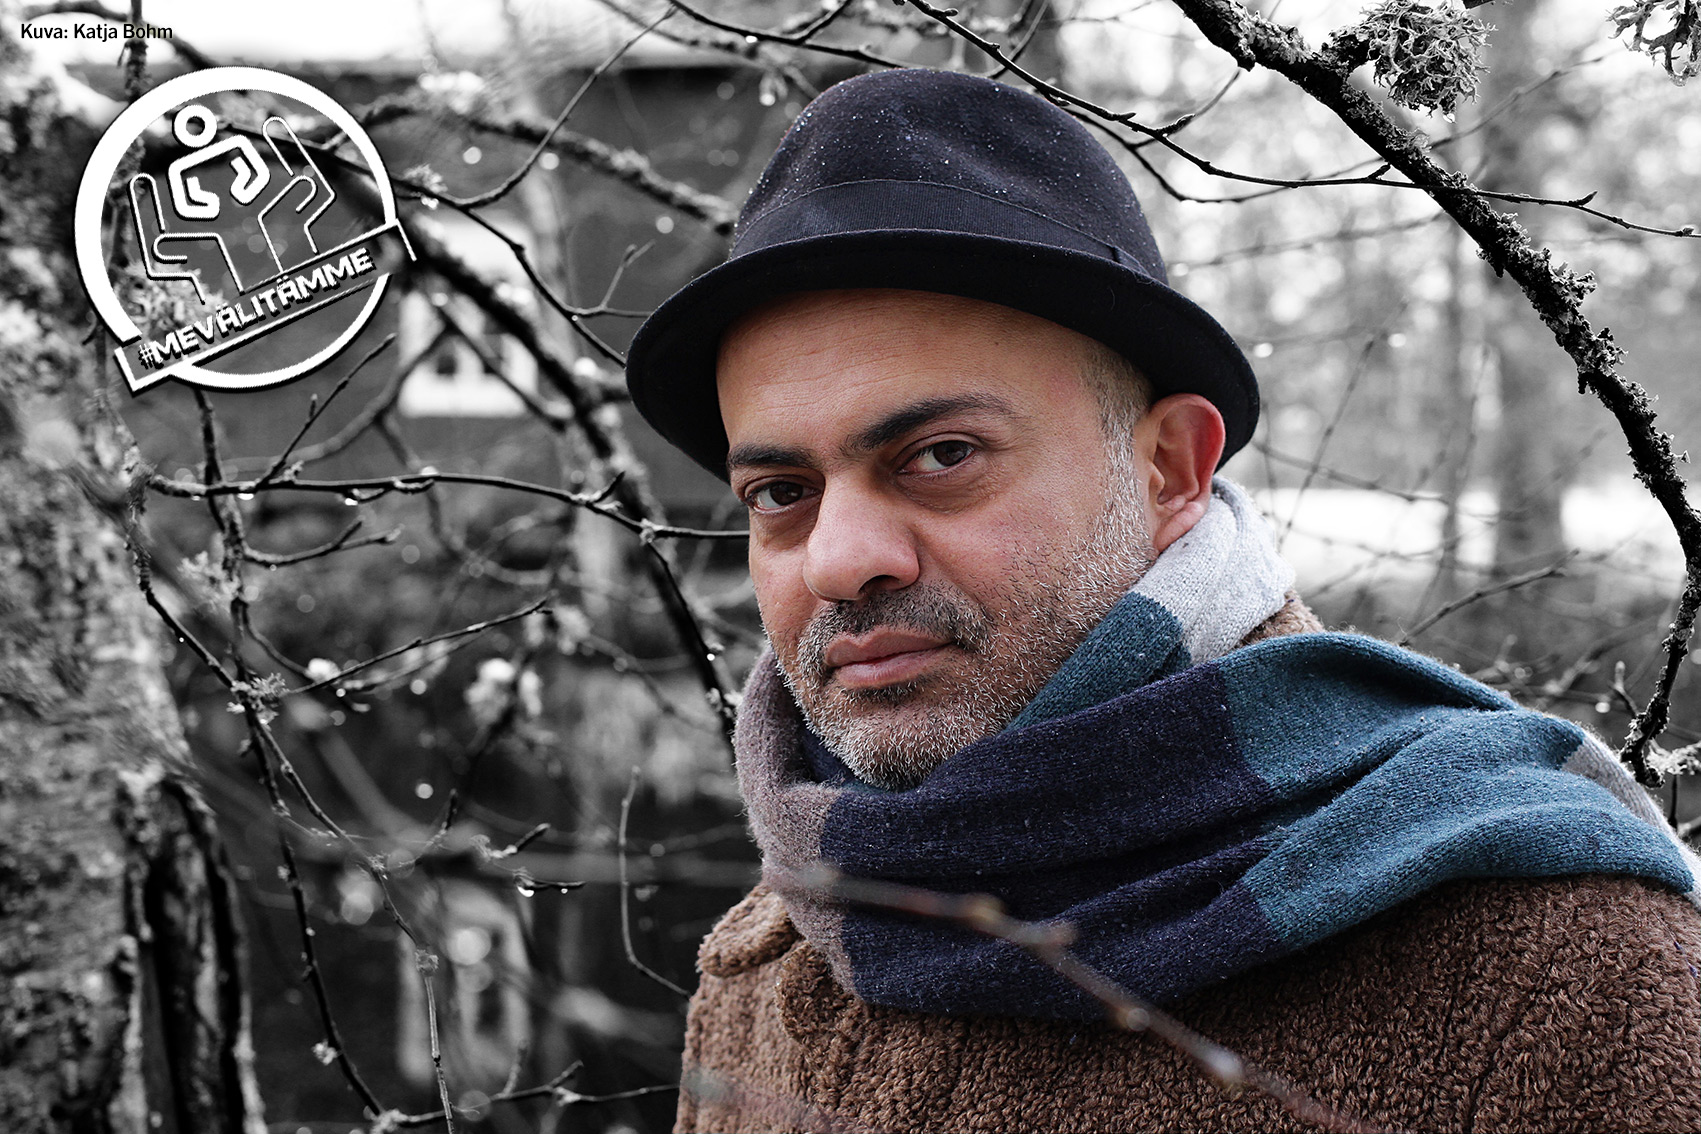 Hassan Blasim katsoo kameraan vakavin ilmein talvisen maiseman edessä. Hän on pukeutunut mustaan lierihattuun, siniseen huiviin ja ruskeaan takkiin.